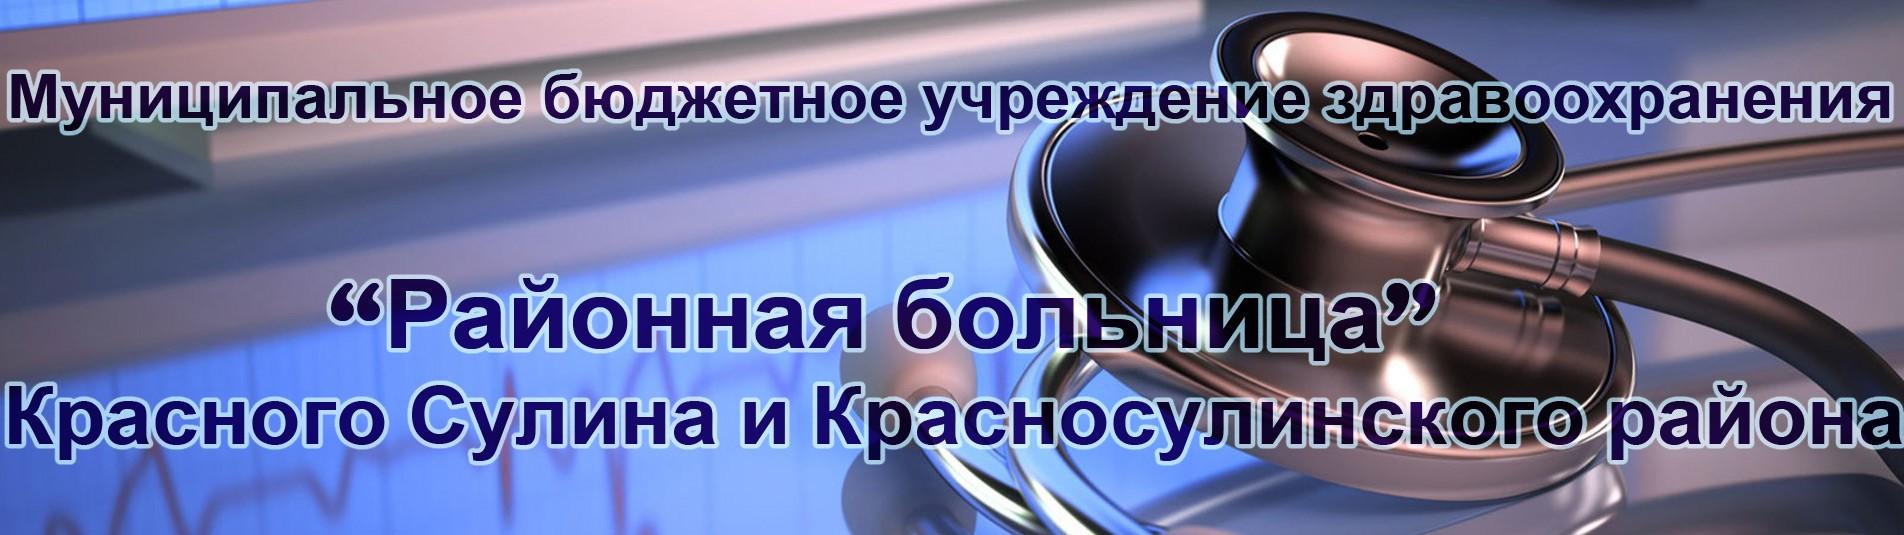 Муниципальное бюджетное учреждение здравоохранения